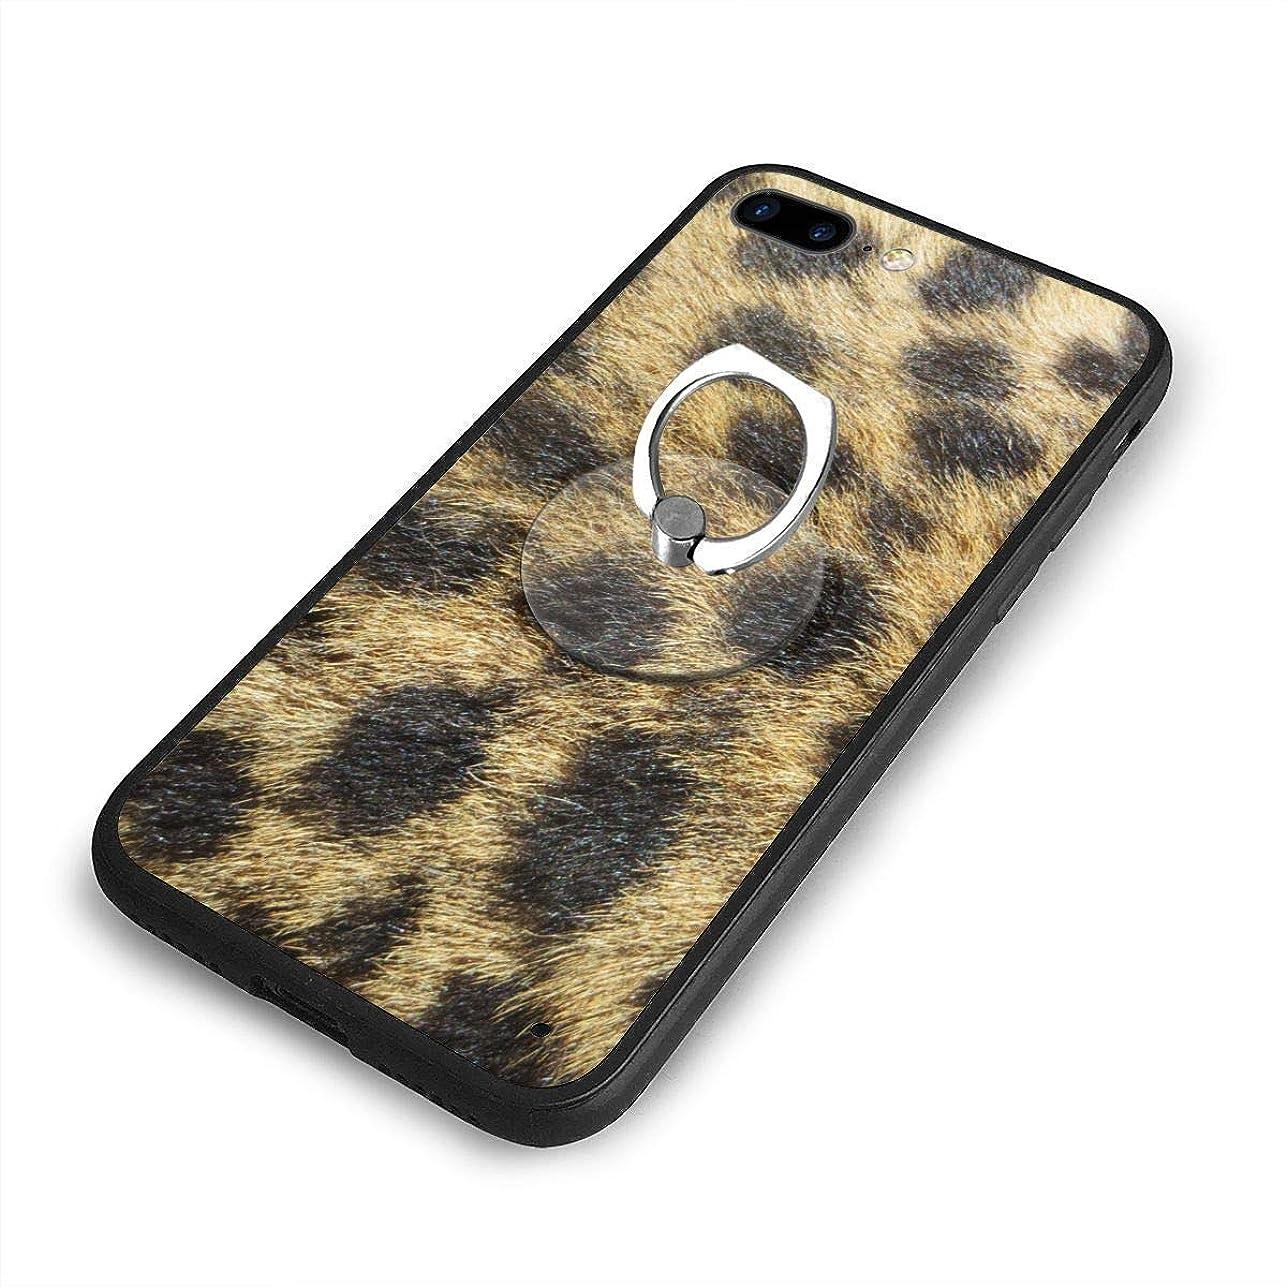 鷲冷えるチェリー茶色と黒の織物iPhone 7/8 Plusケースリングブラケット 携帯カバー 創意デザイン軽量 傷つけ防止 360°回転ブラケット 携帯ケース PC 衝撃防止 全面保護